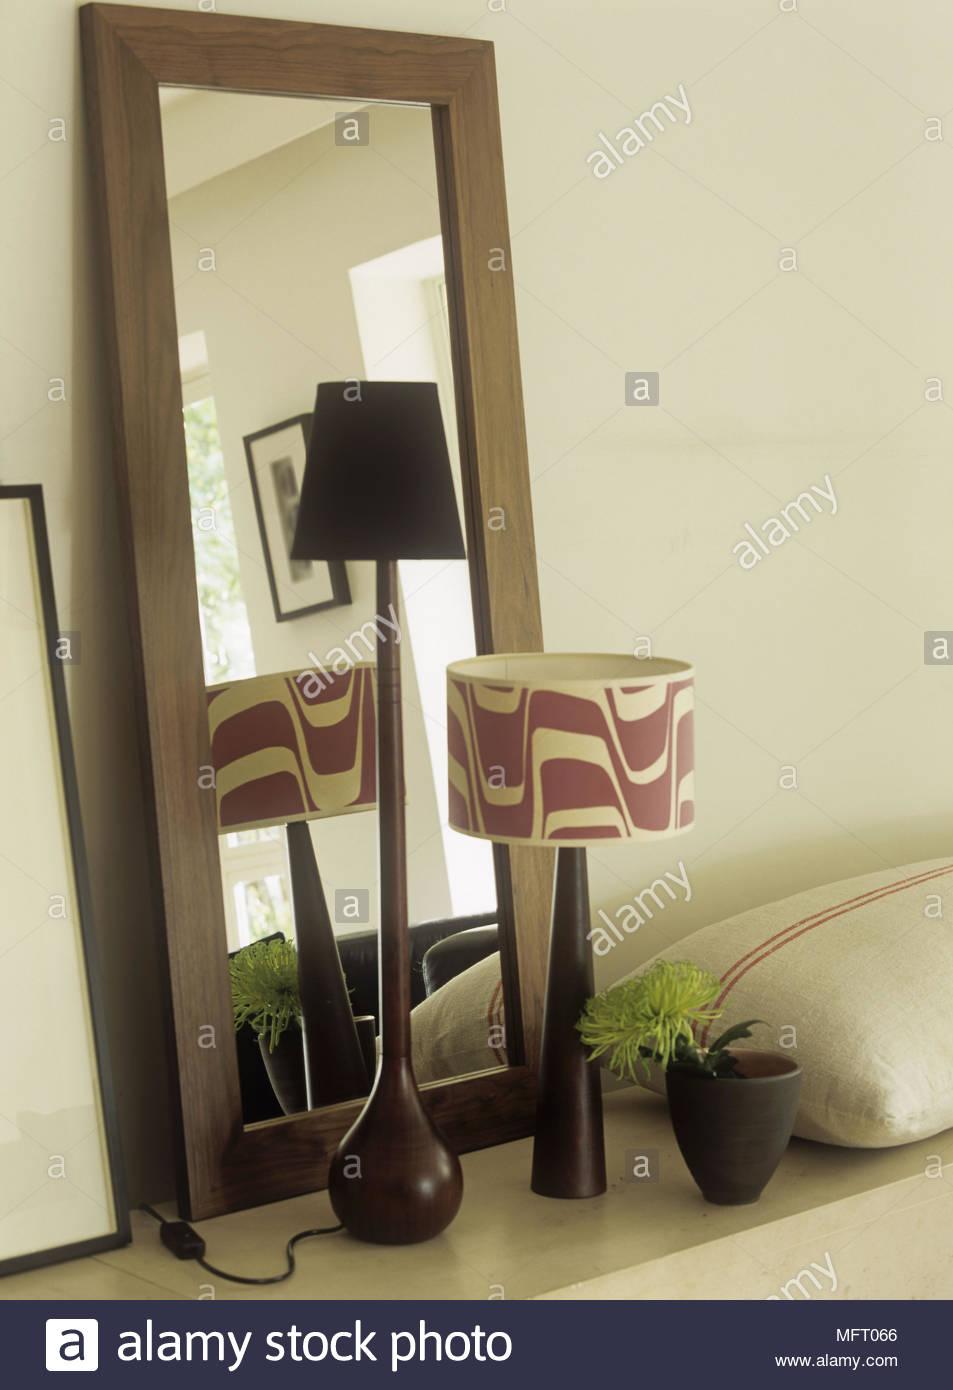 Full Size of Retro Regal Rechteckiger Spiegel Mit Rahmen Aus Dunklem Holz Im Offenes Für Kleidung Kolonialstil Kleiderschrank Vorratsraum Kleines Weiß Tv Rot Schubladen Wohnzimmer Retro Regal